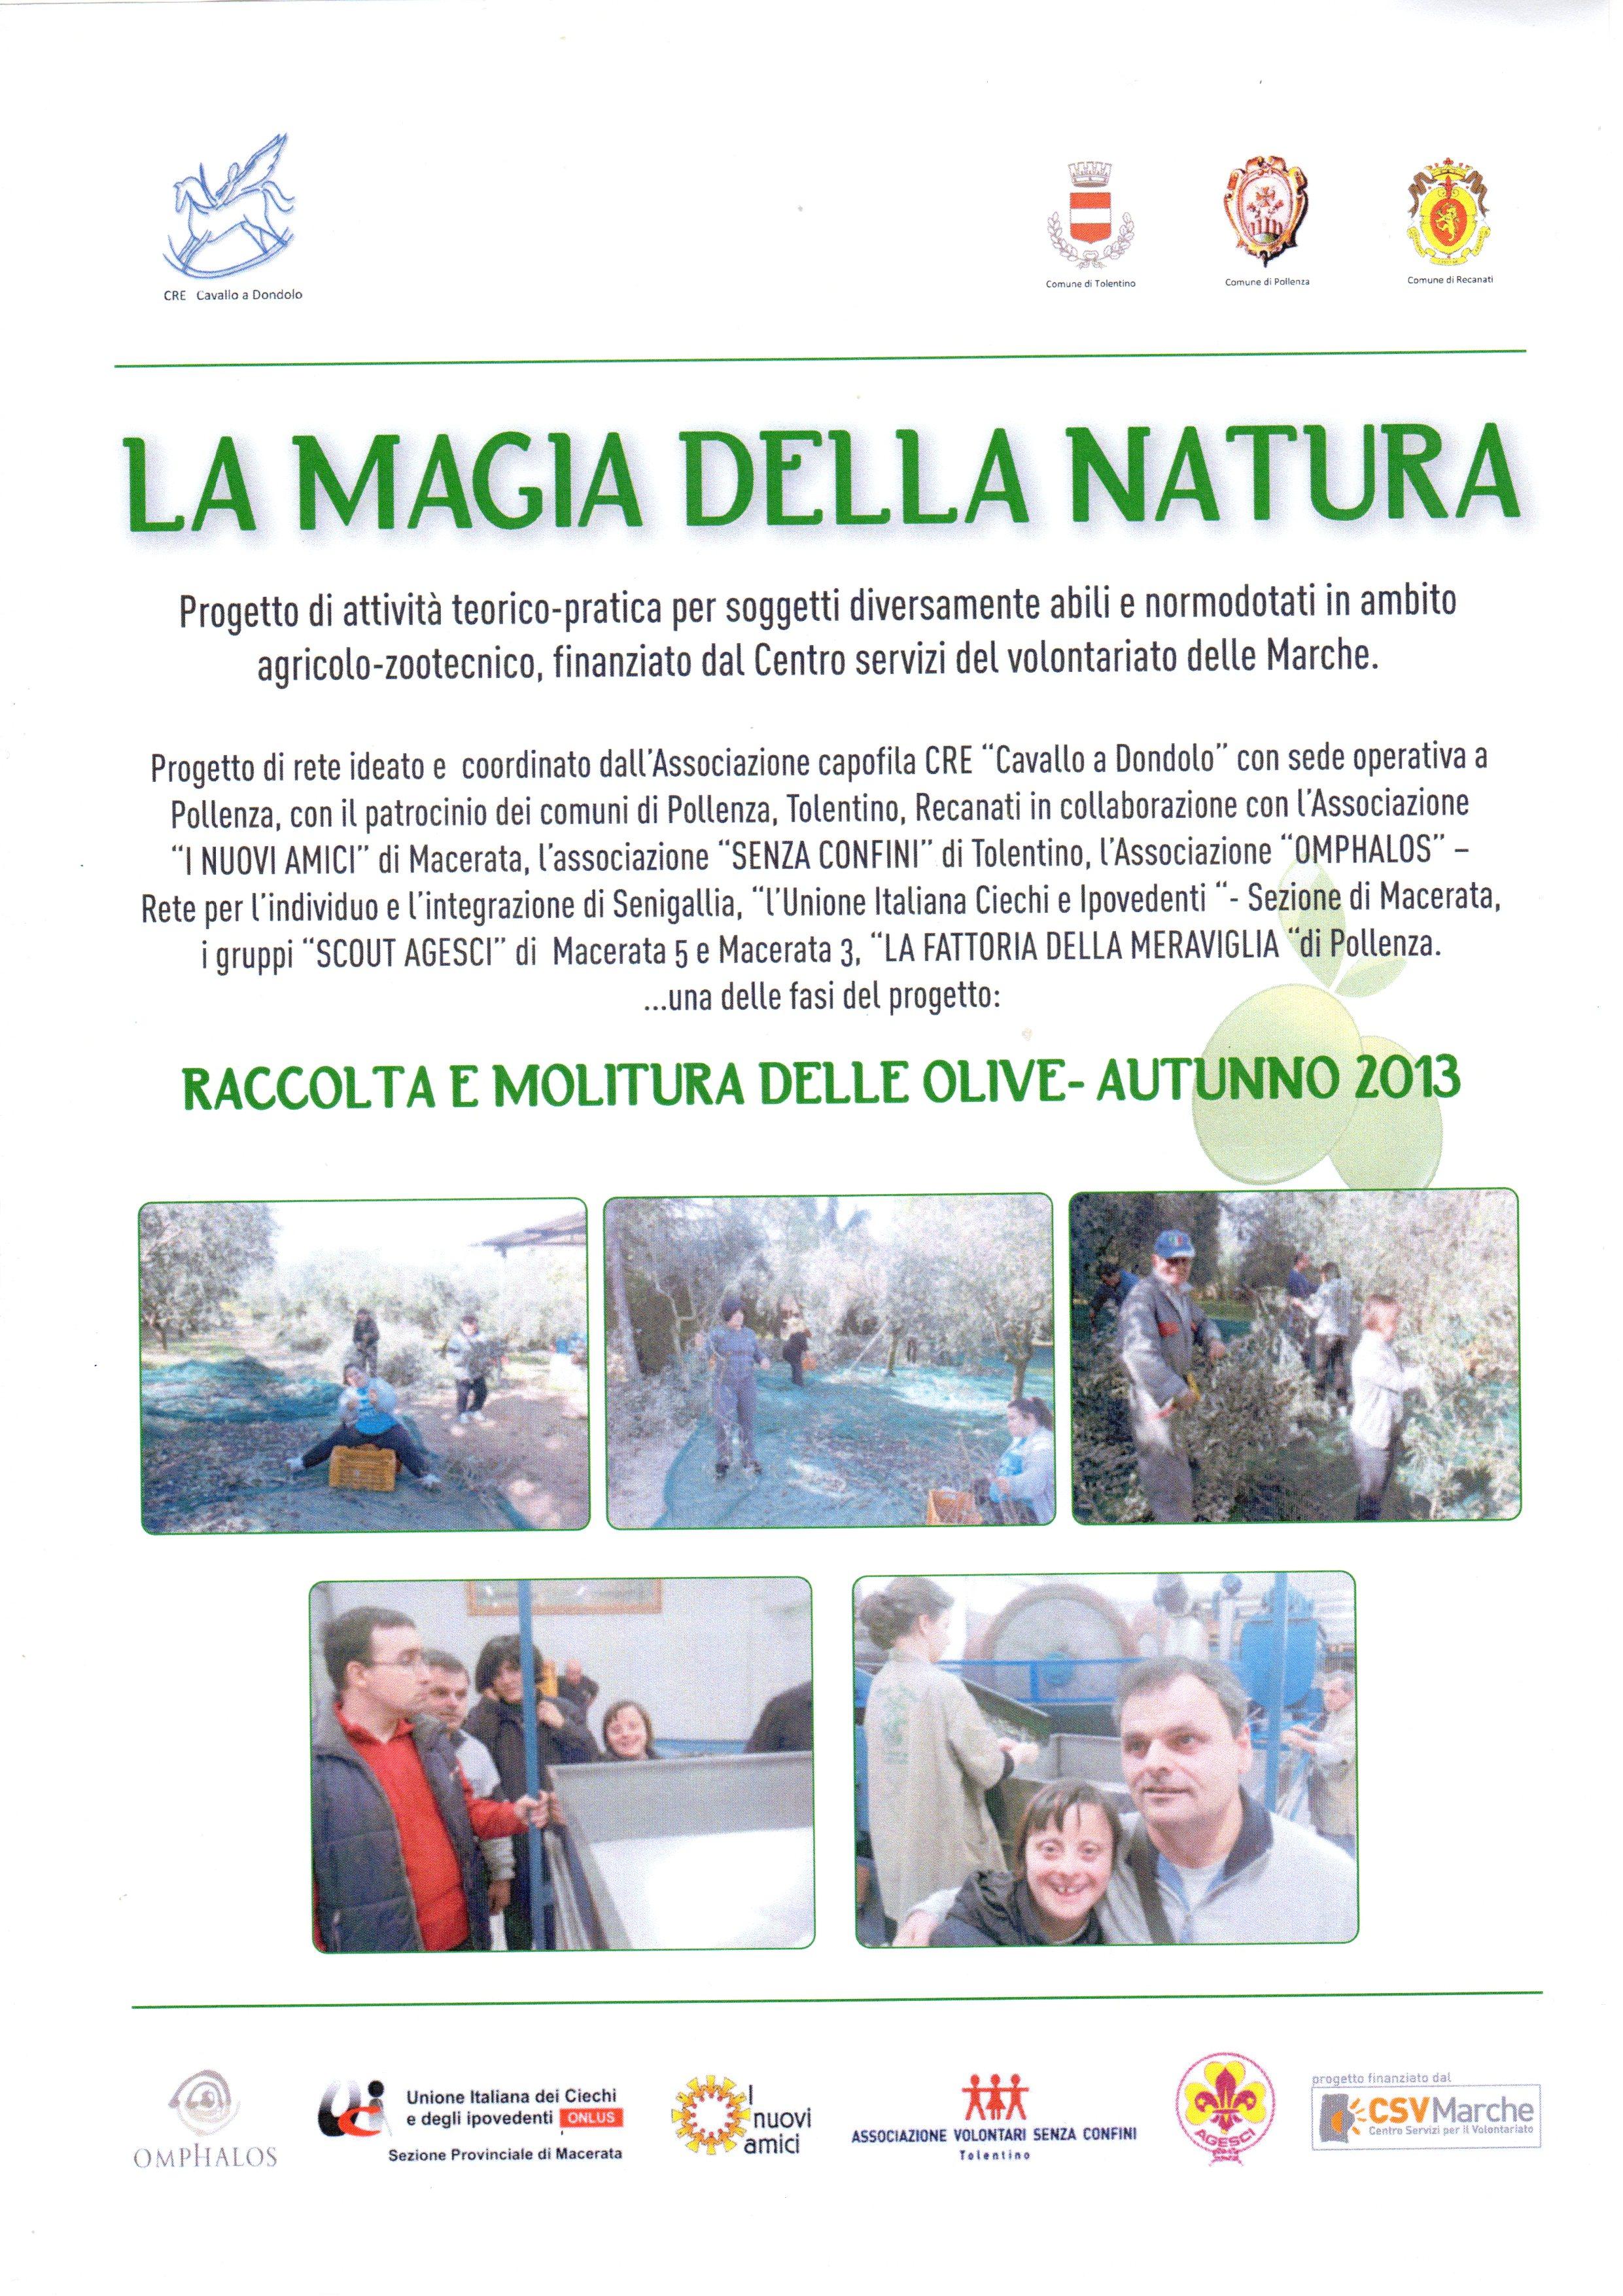 La magia della natura - Locandina progetto